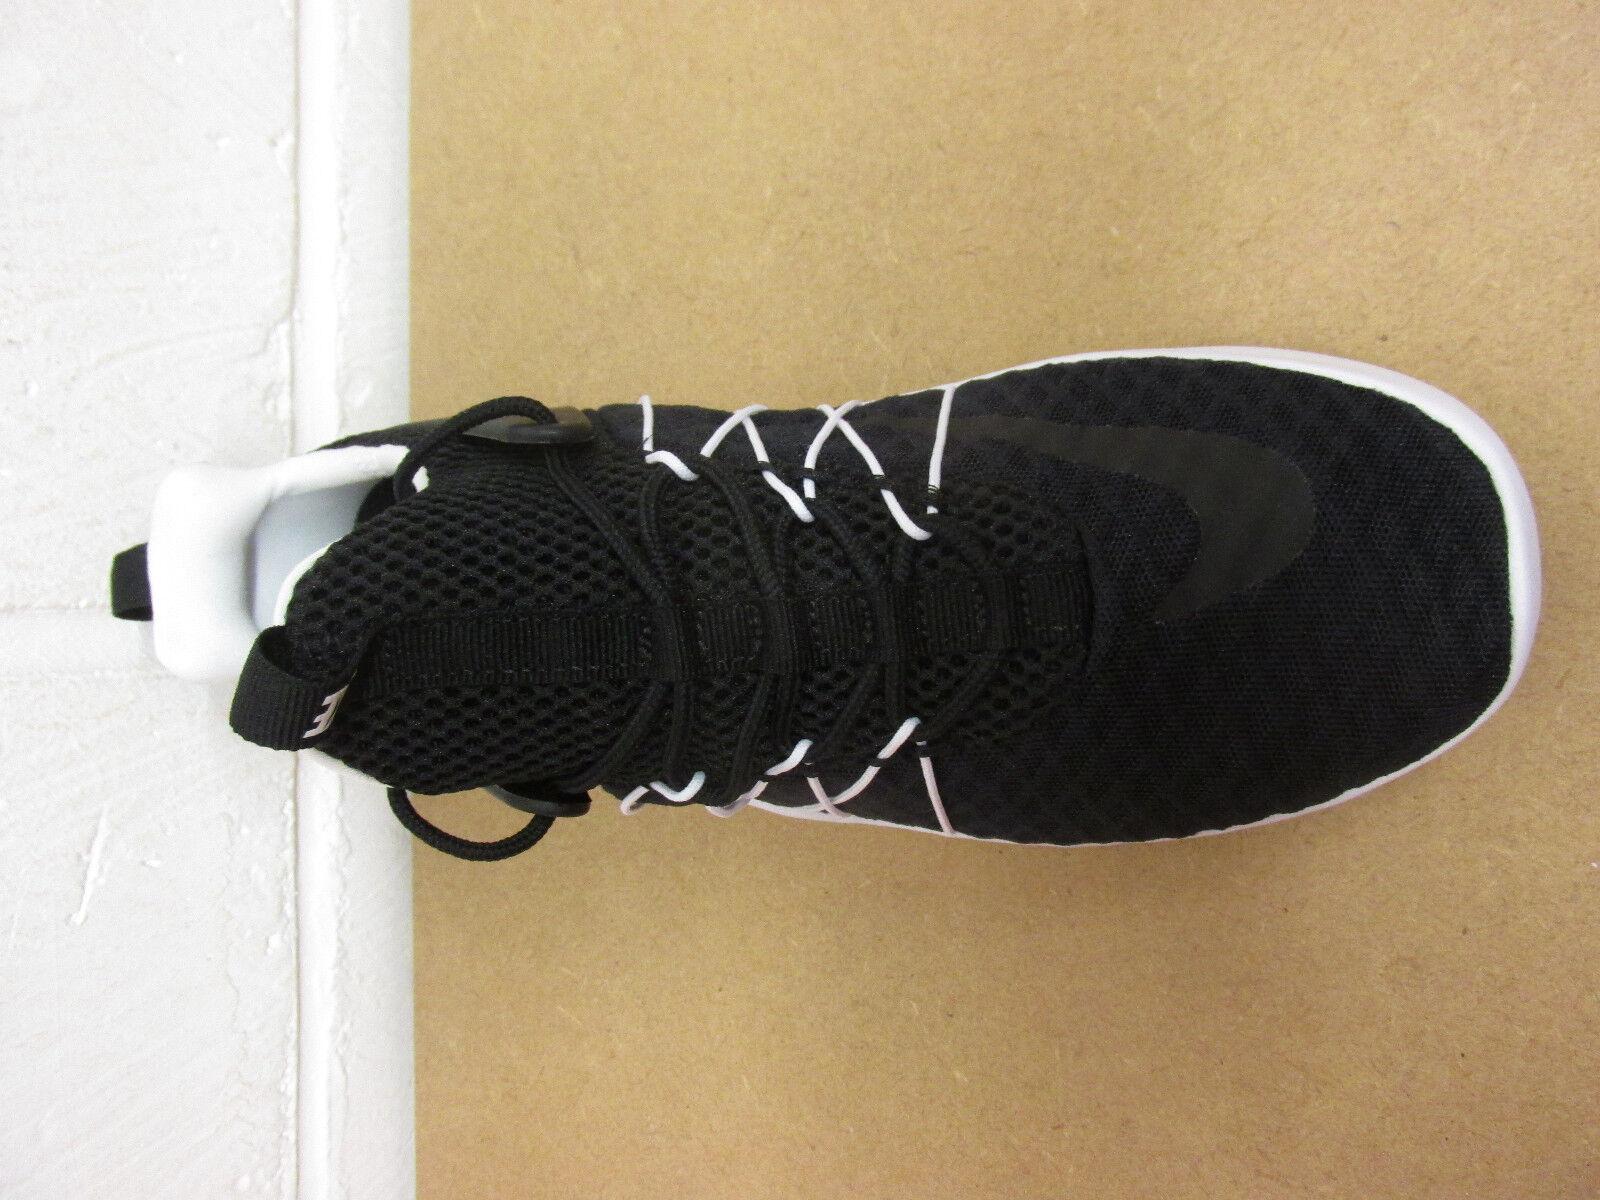 Nike Womens Darwin Darwin Darwin Running Trainers 819959 003 Sneakers shoes 88b6ce